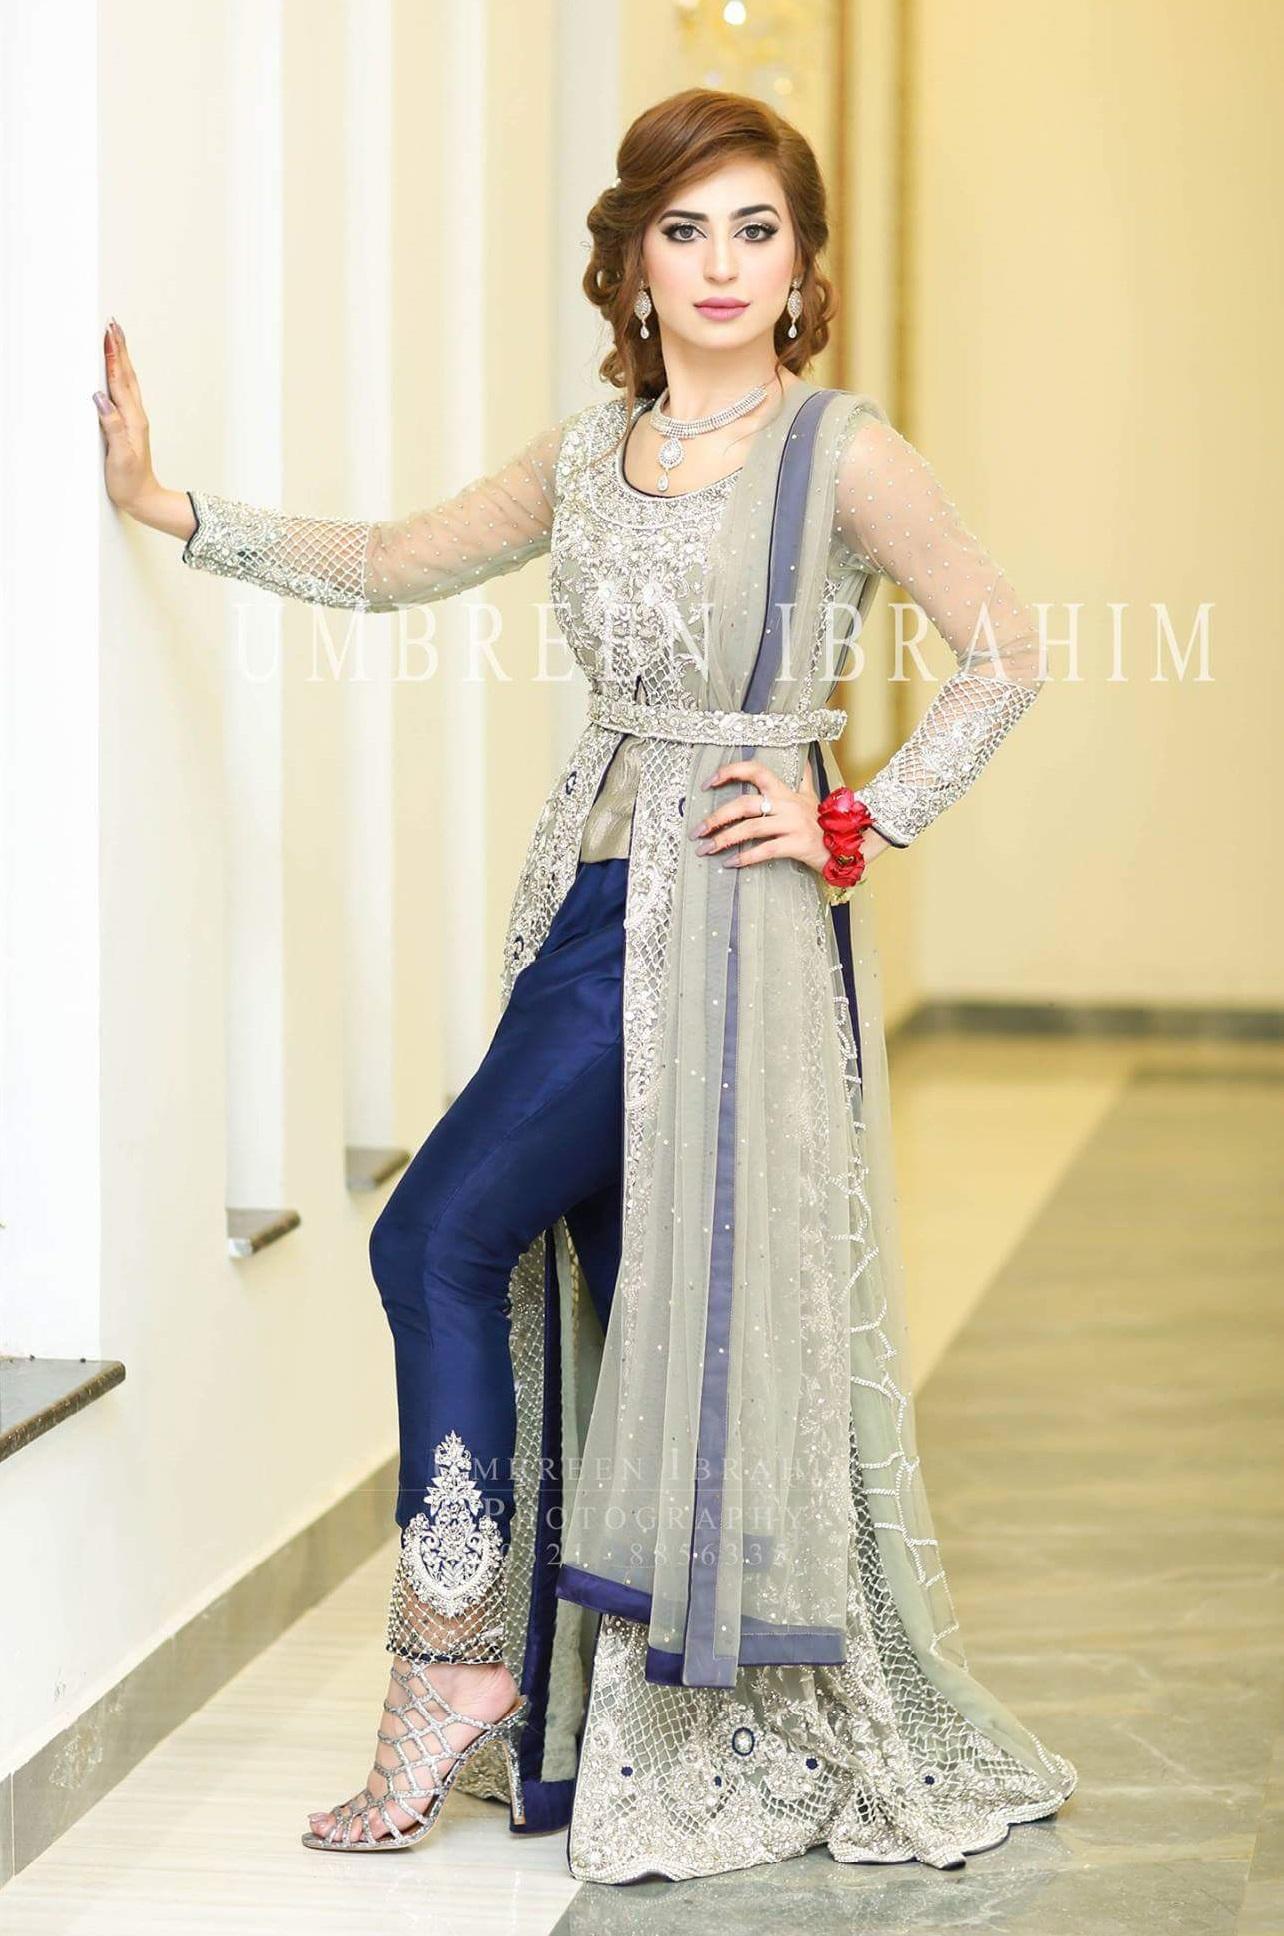 indian style wedding dresses photo - 1